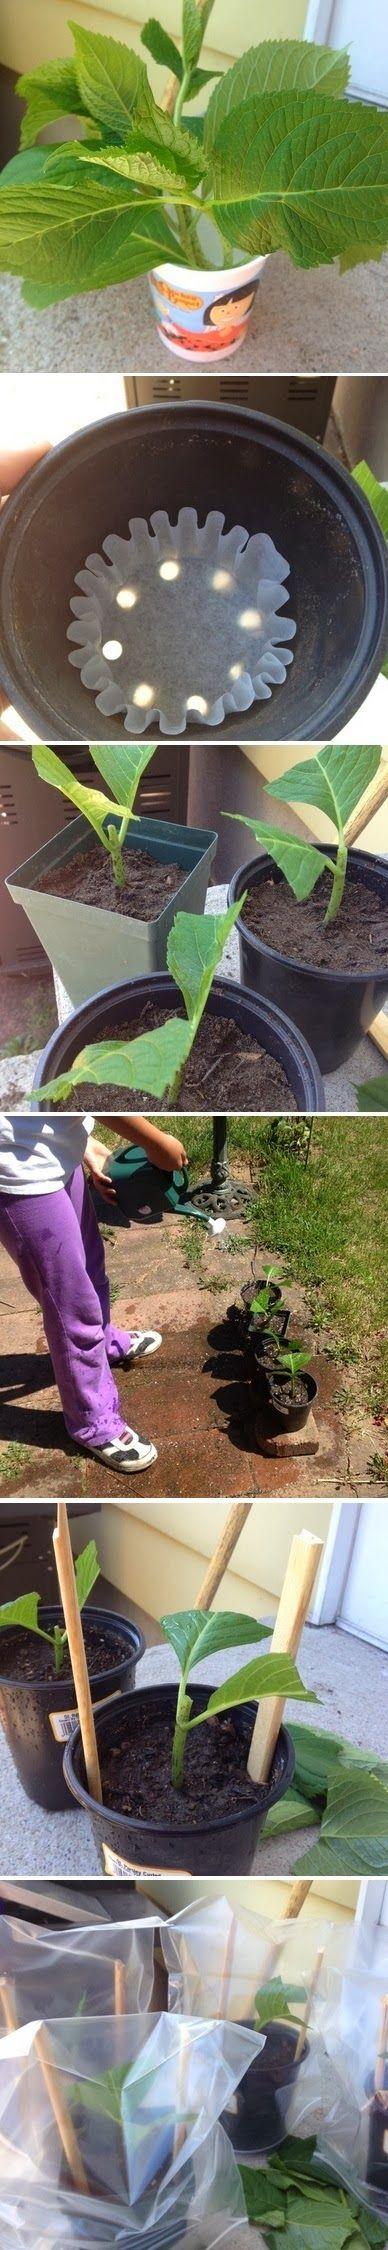 DIY : Grow Hydrangeas From Cuttings